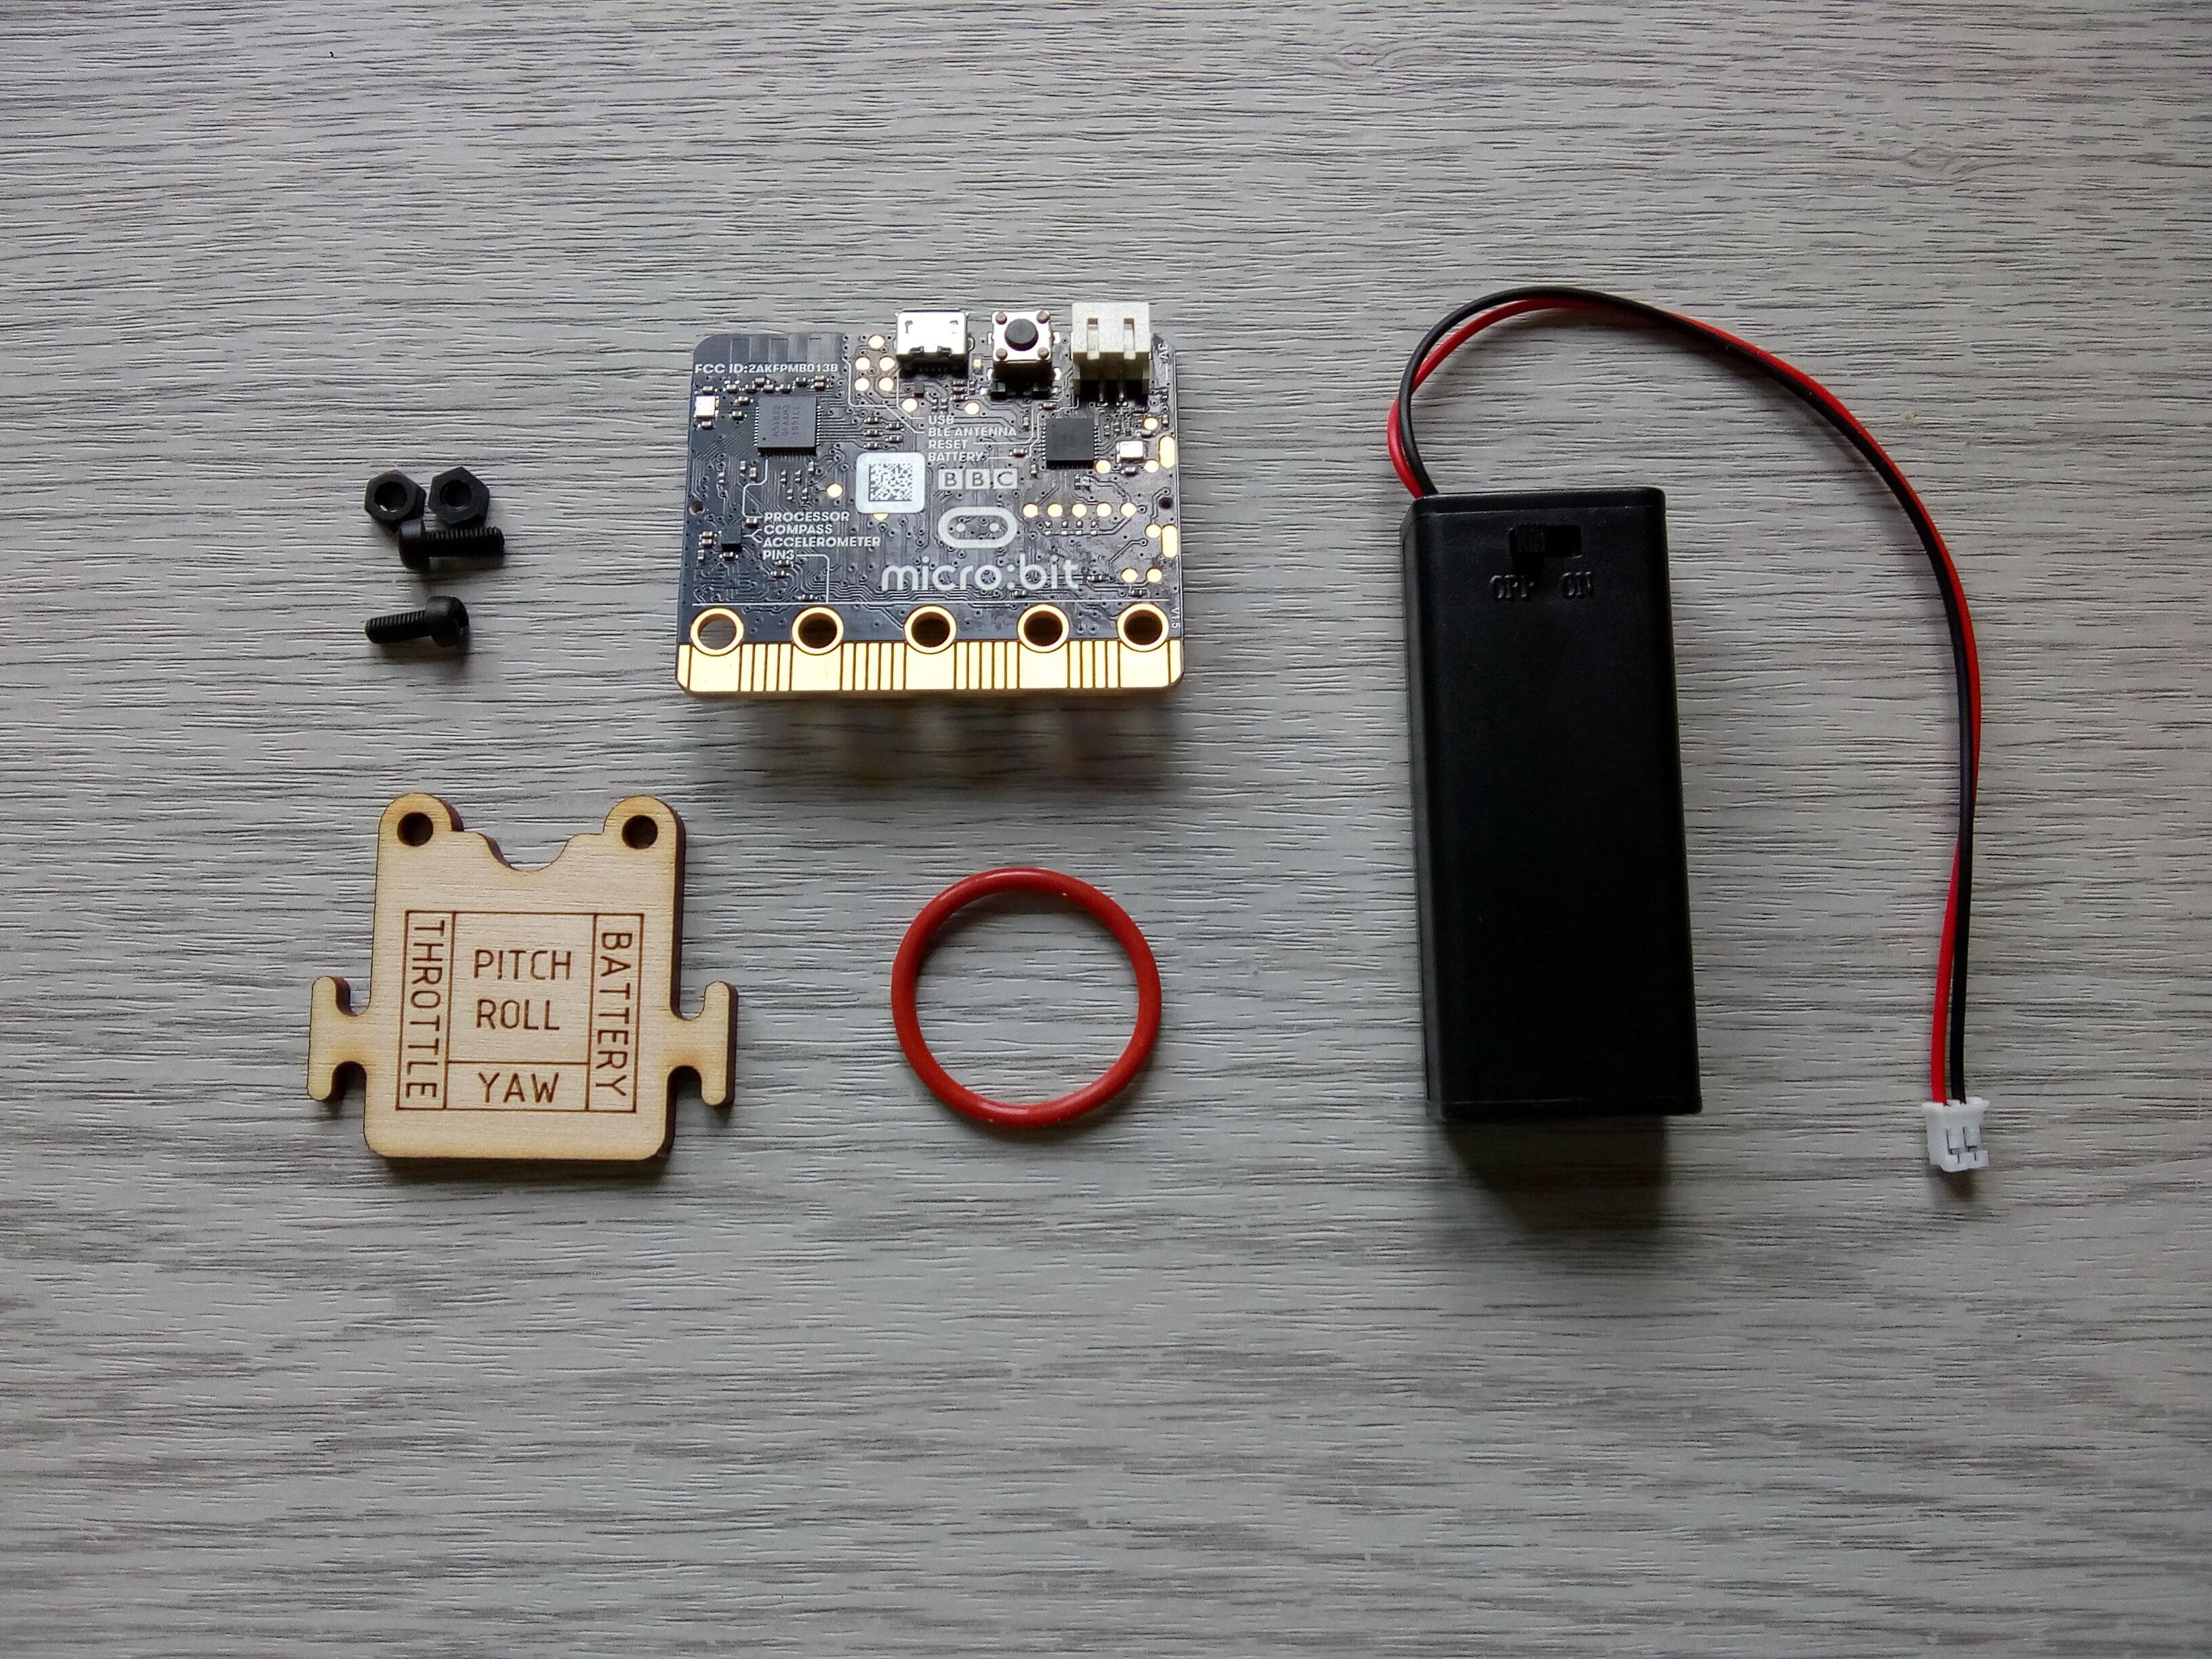 airbit controller